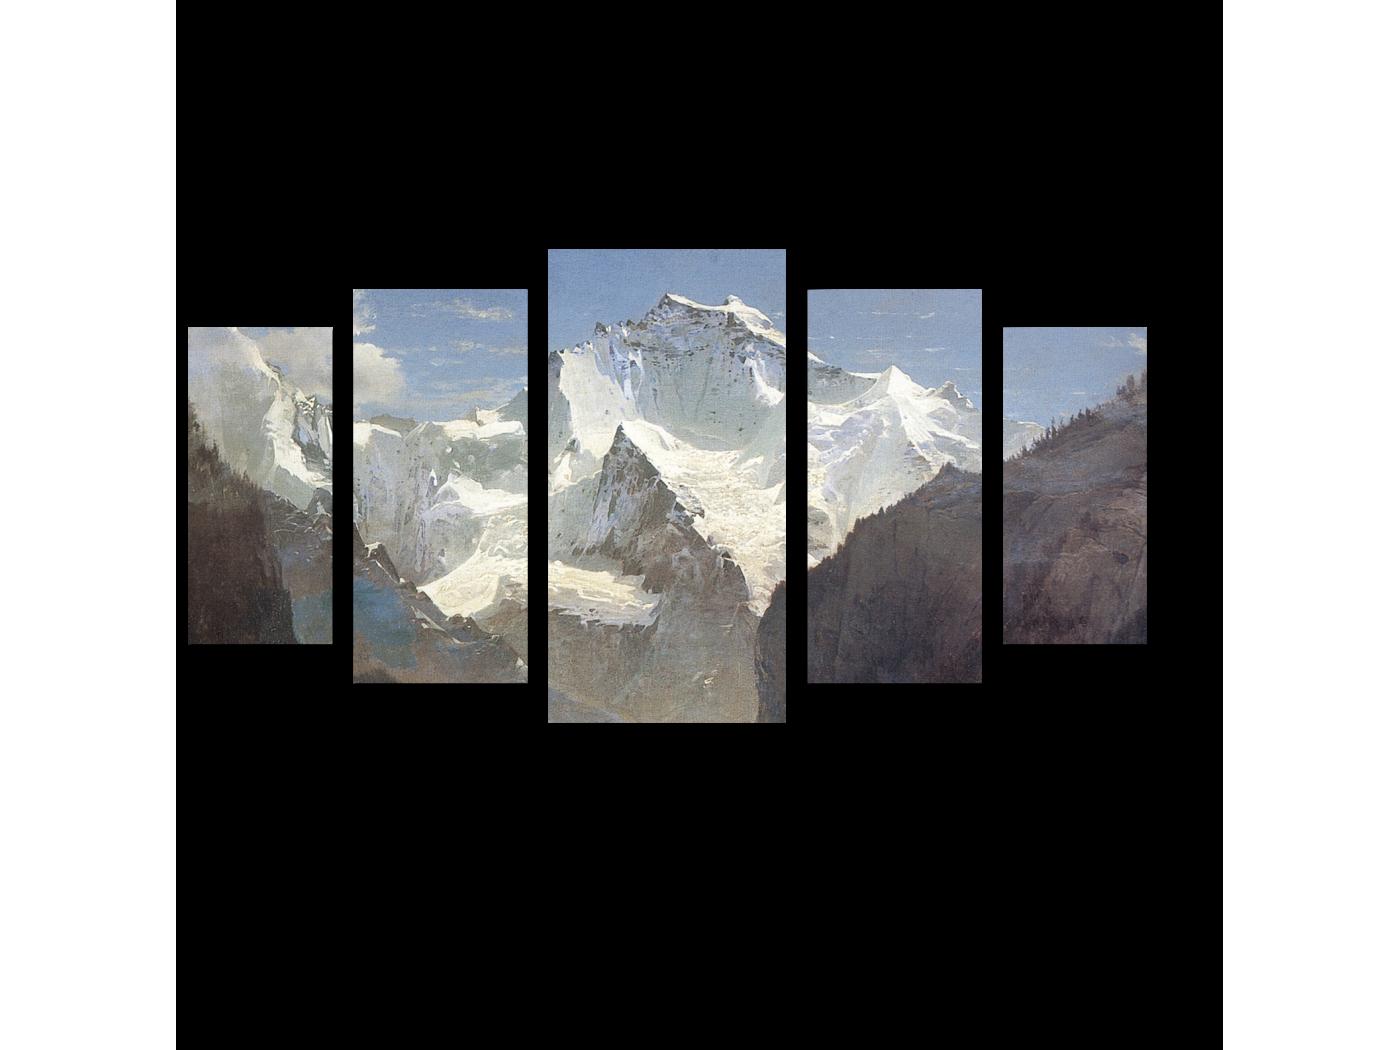 Модульная картина Вид в Швейцарских Альпах, Алексей Саврасов (100x55) фото